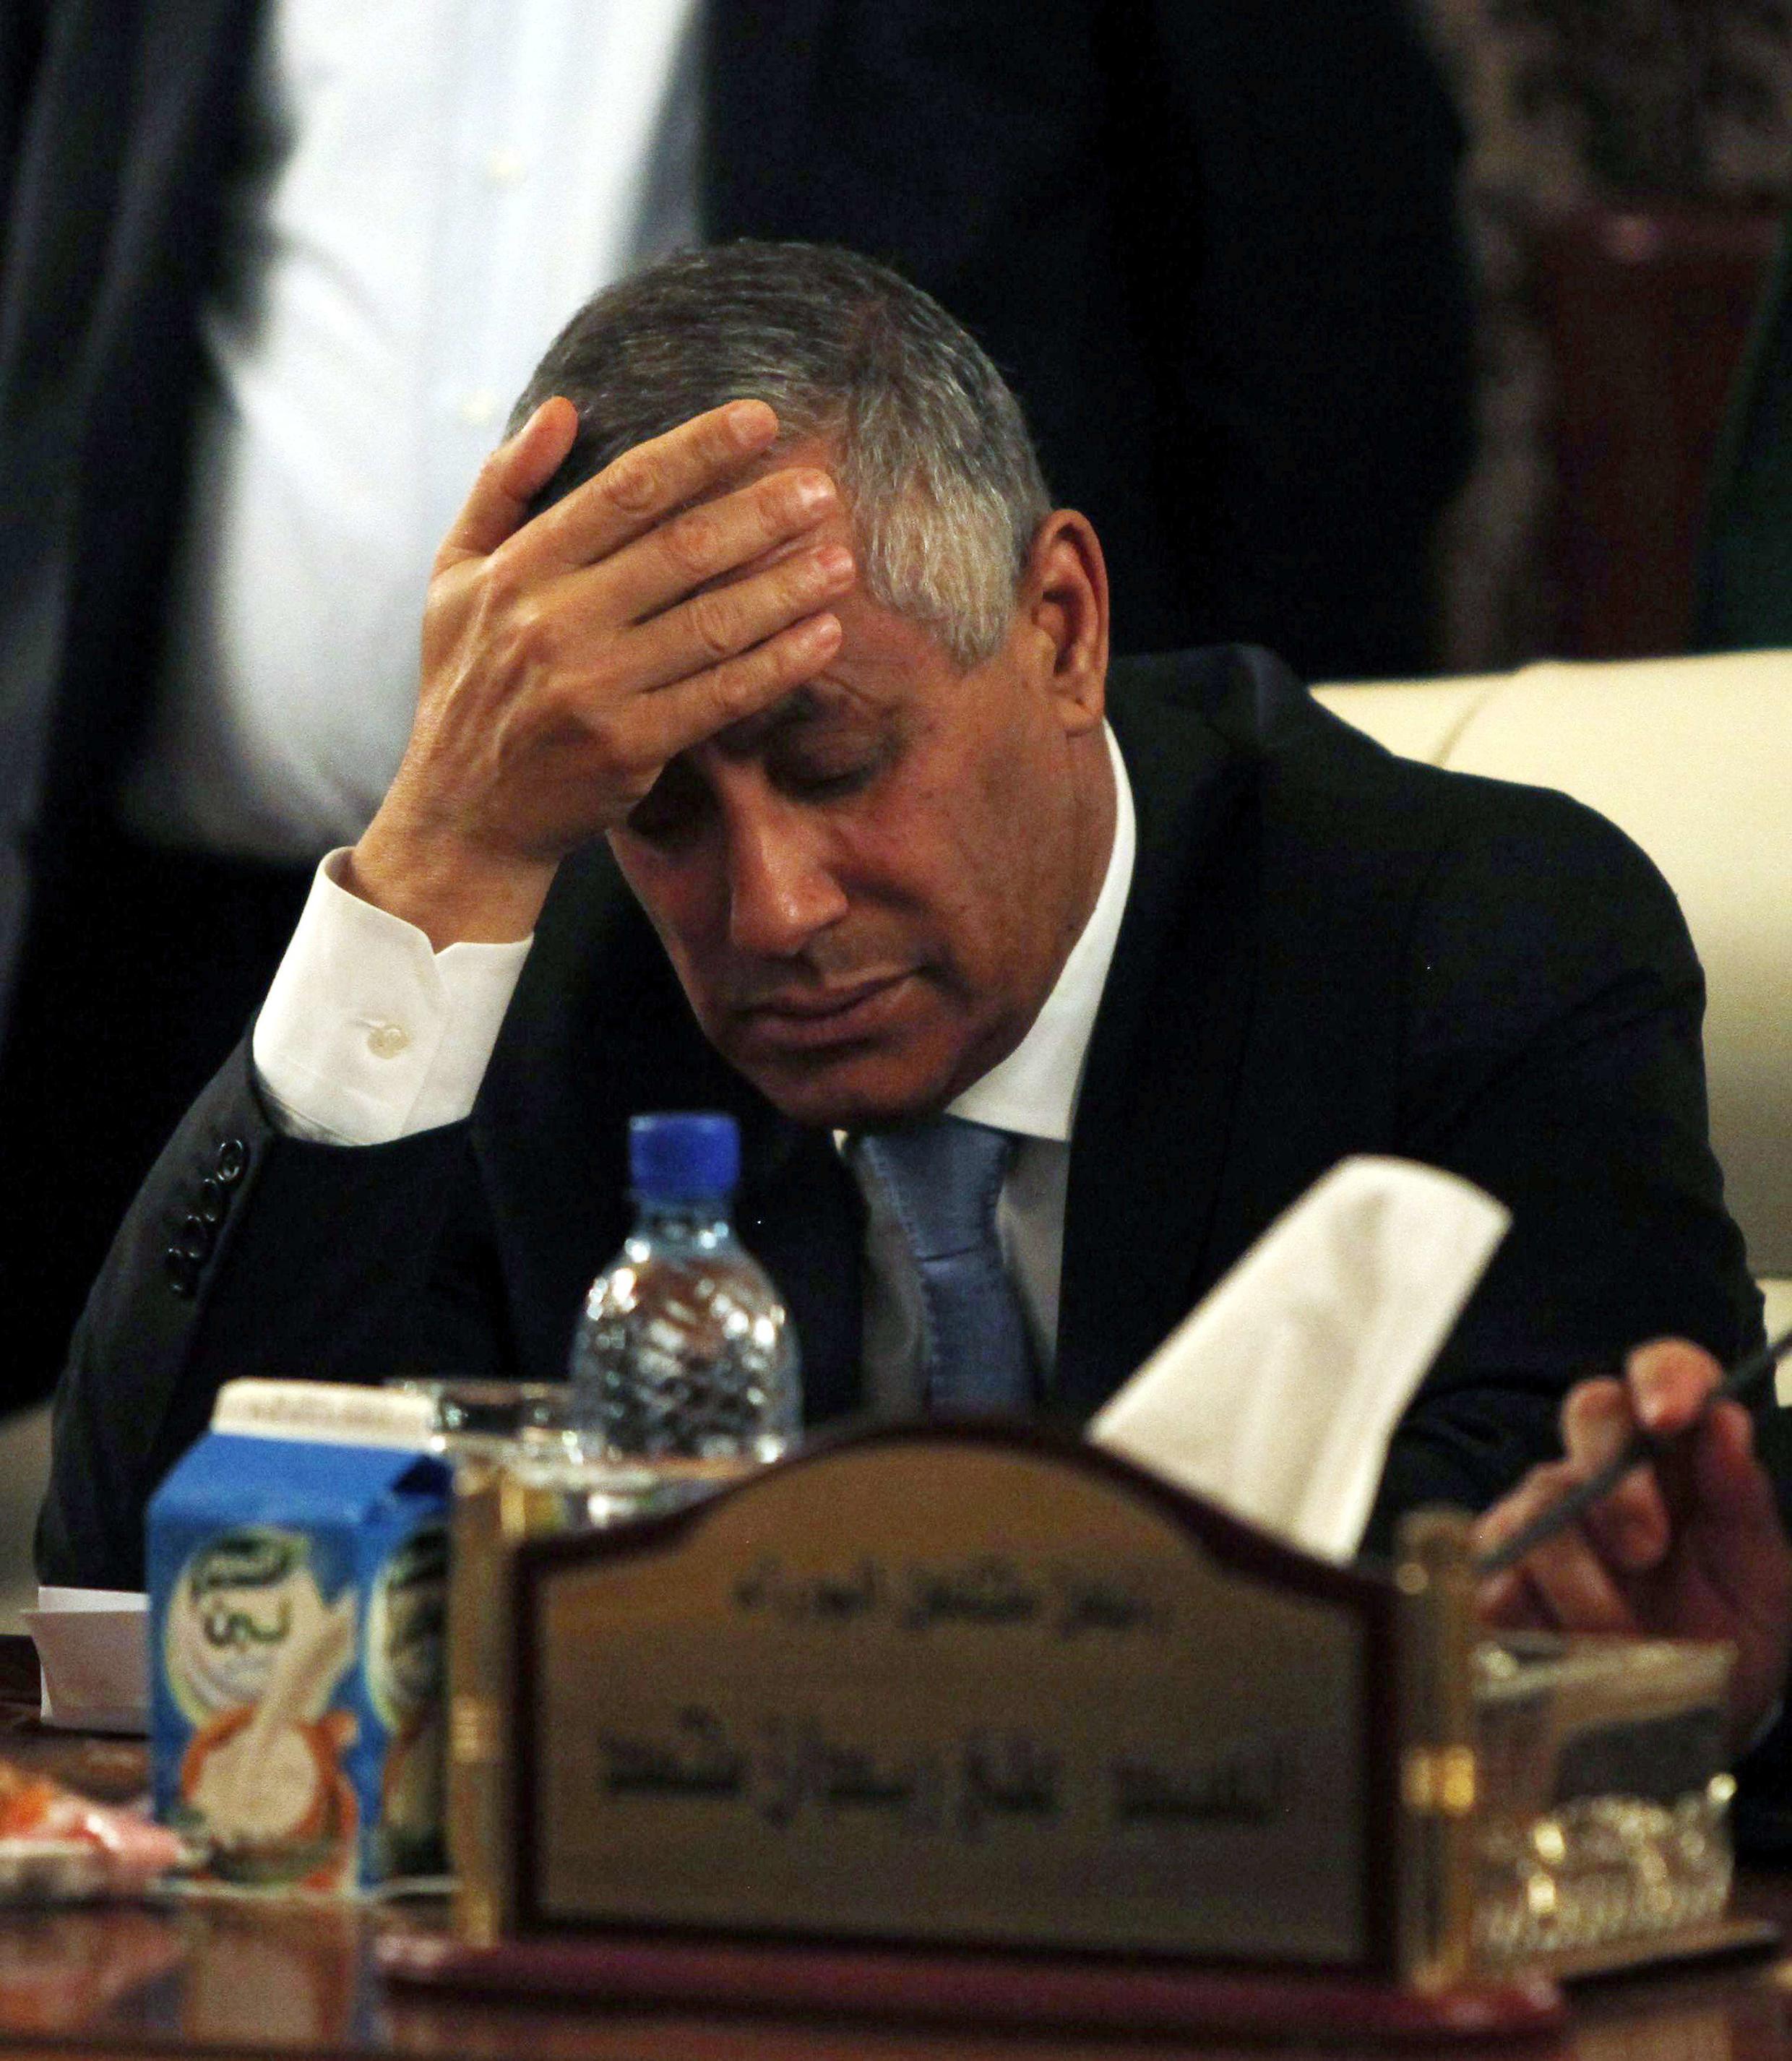 Ali Zeidan en conférence de presse après sa libération, le 10 octobre 2013 à Tripoli.